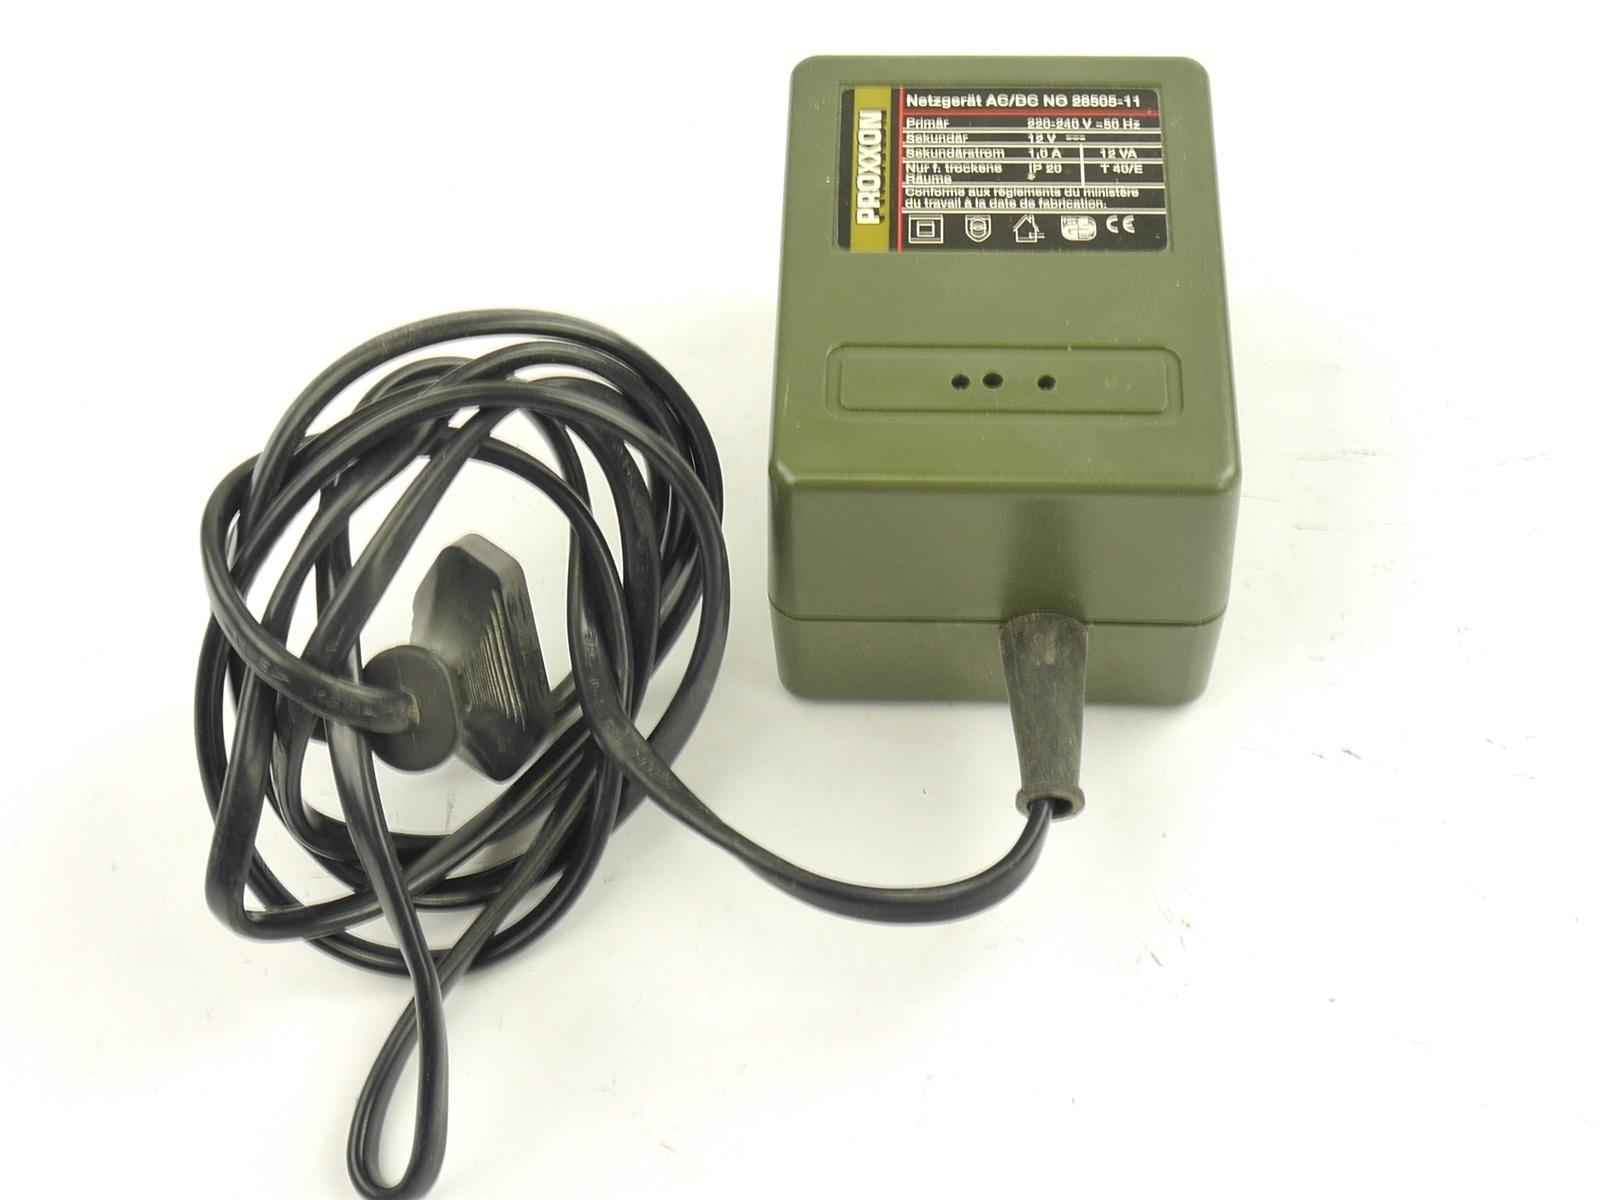 E135 Proxxon Netzteil Netzgerät NG 5 *geprüft*